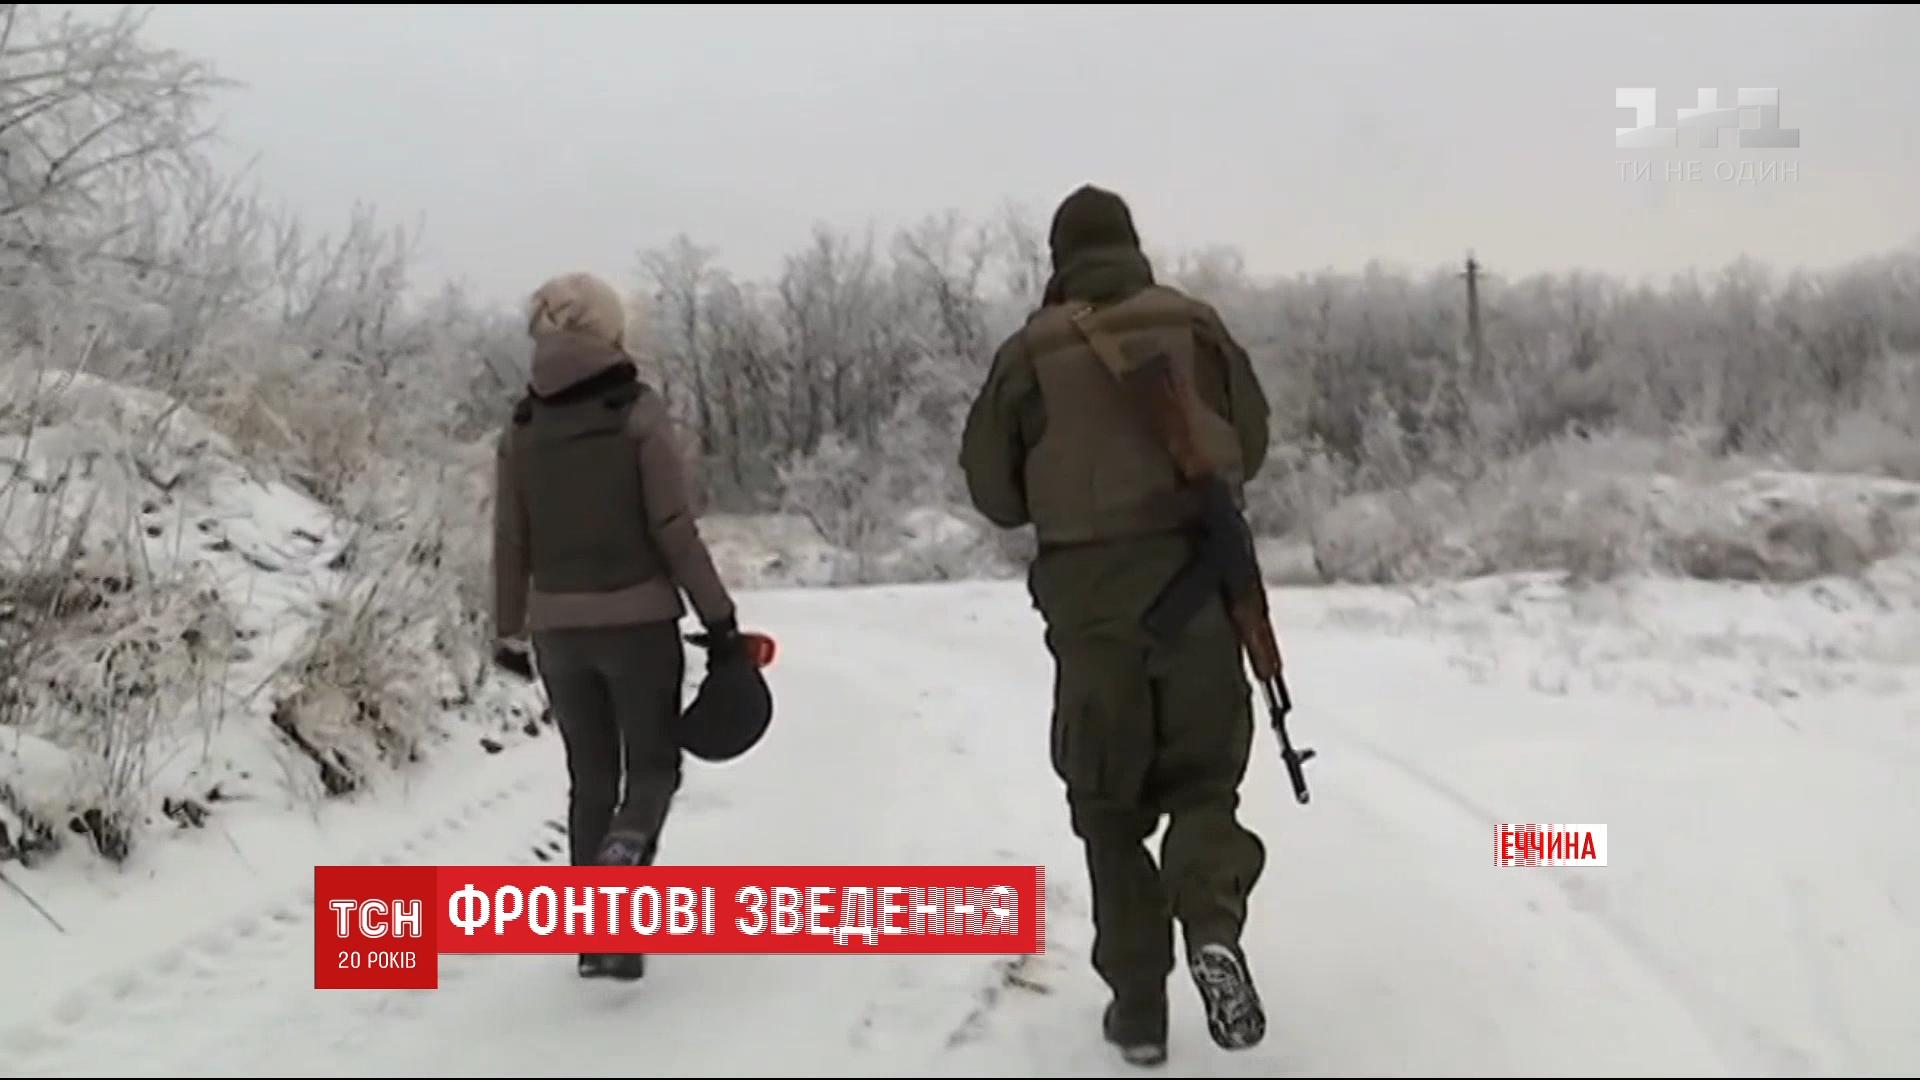 В тихі хвилини вояки відпочивають із книгою в руках або зі зброєю / Скріншот